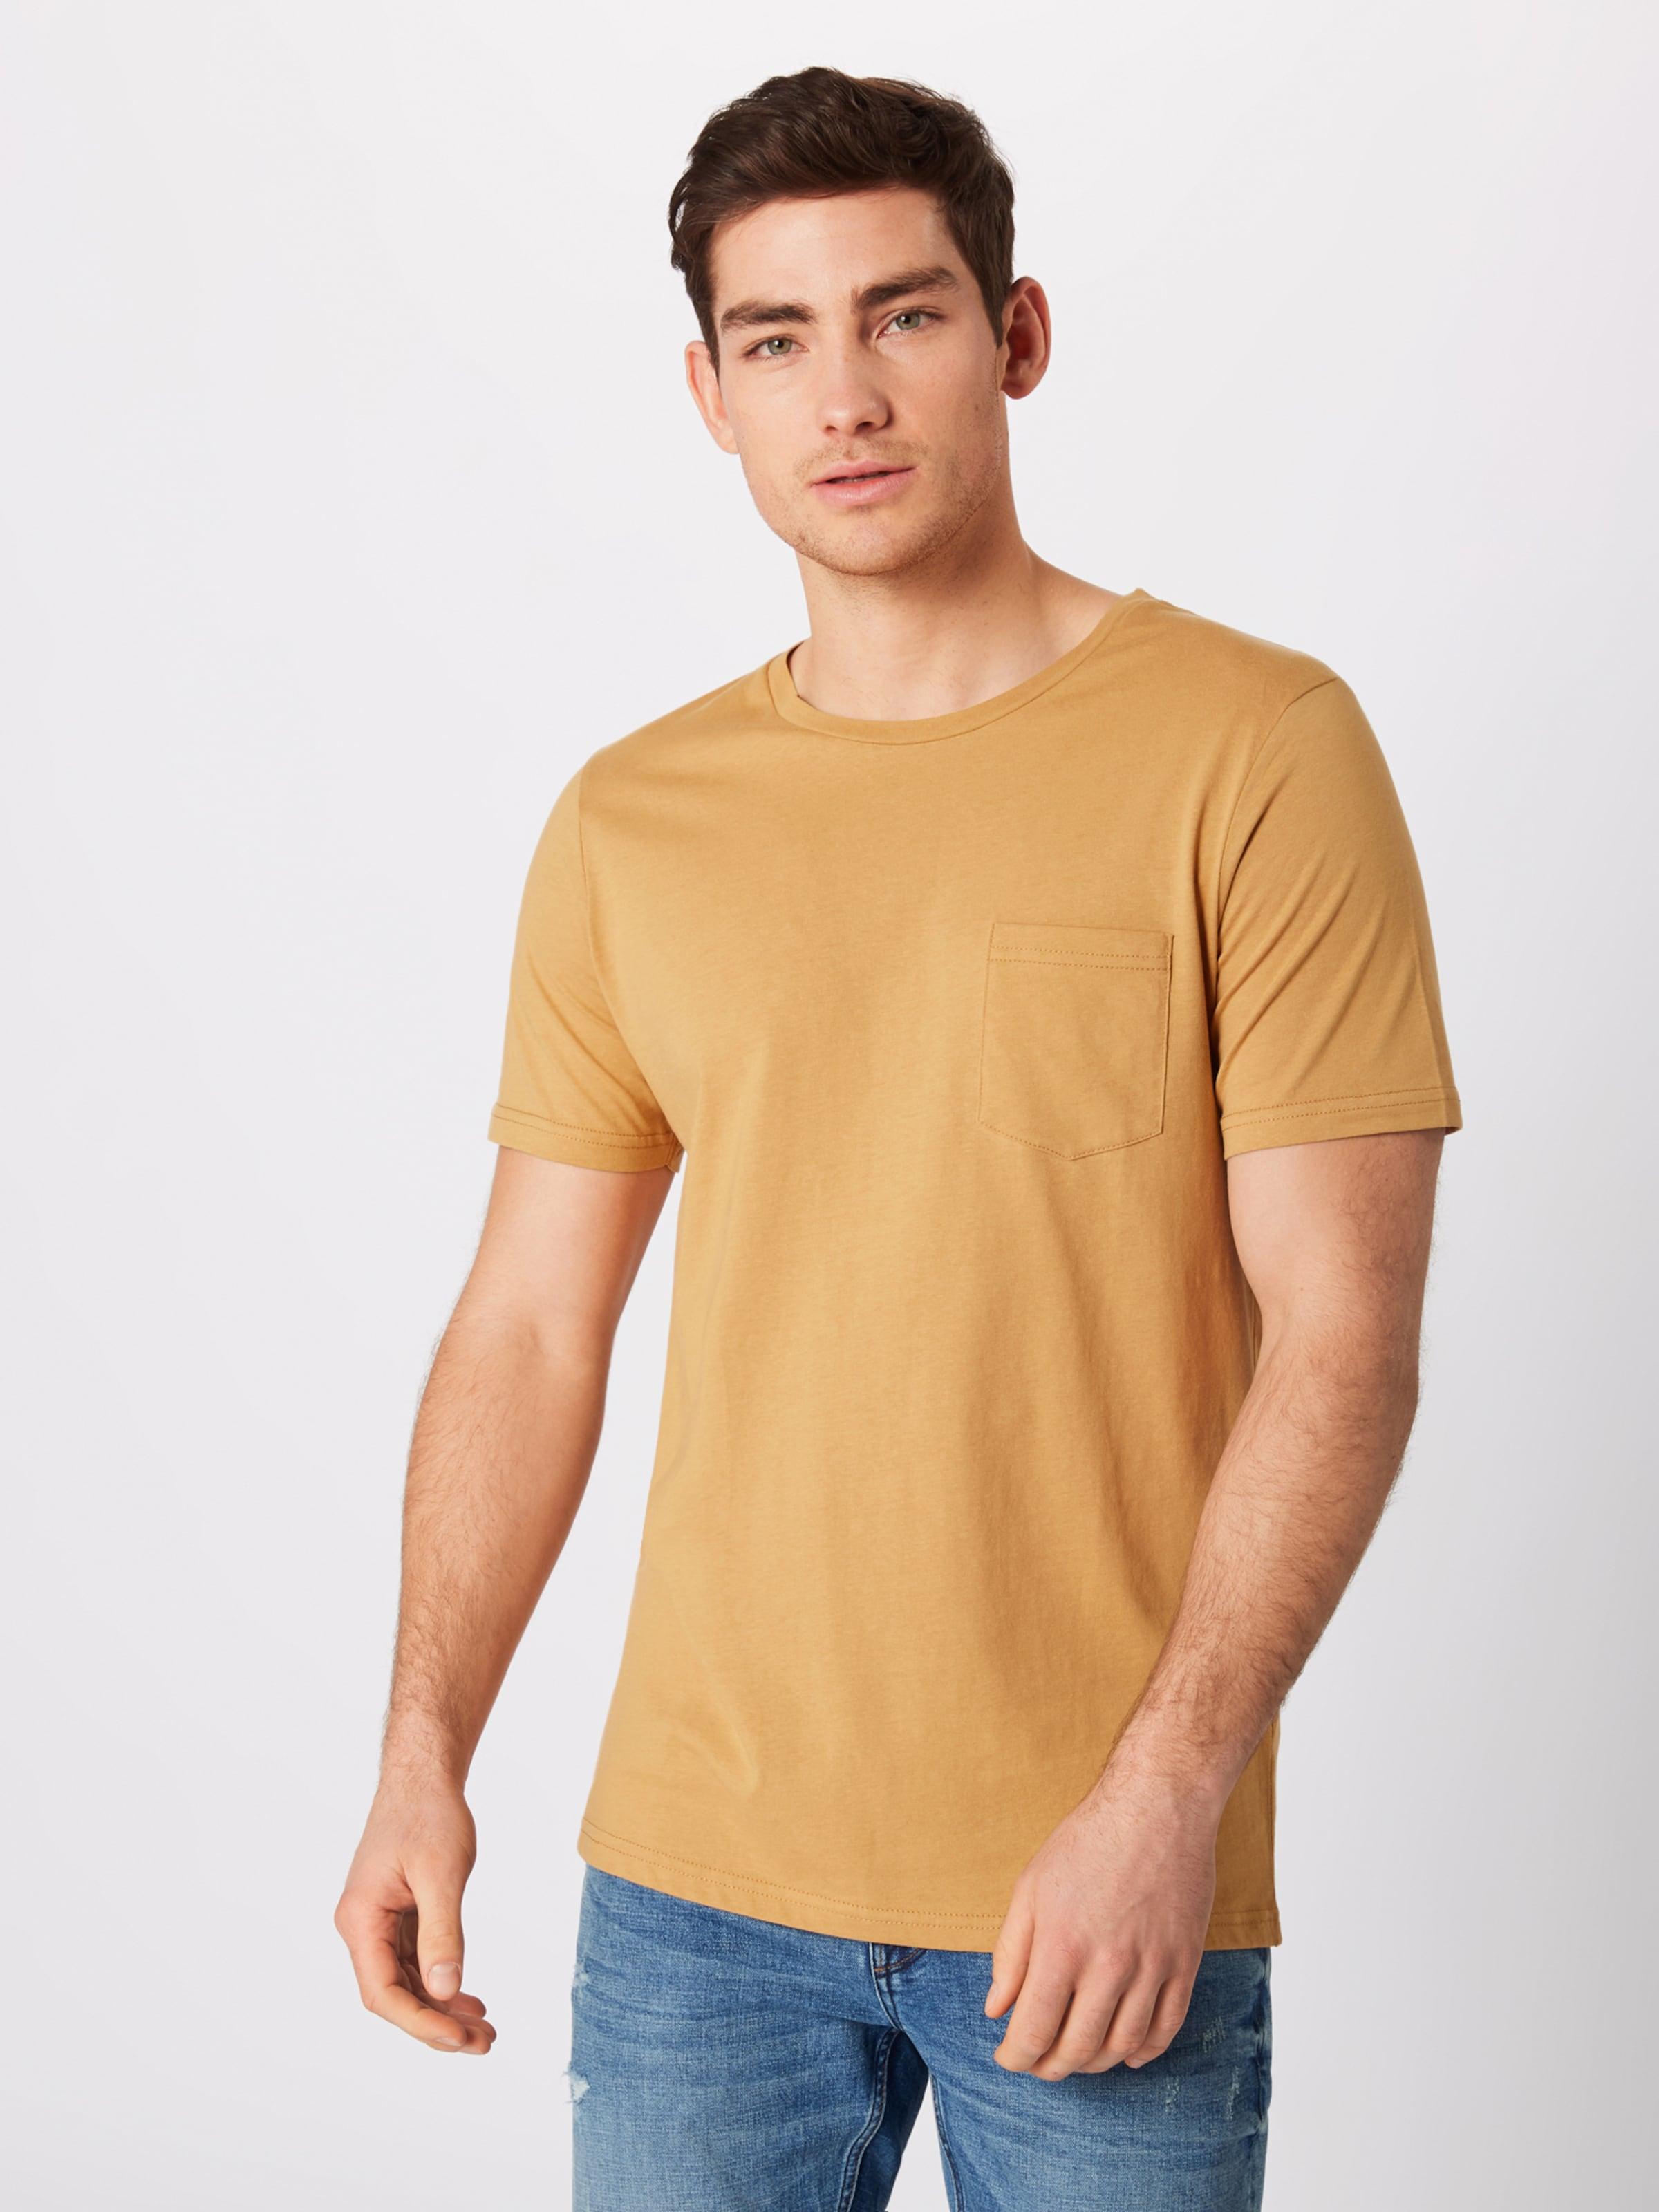 T shirt Senf In You About 'maxim' iPkXZu